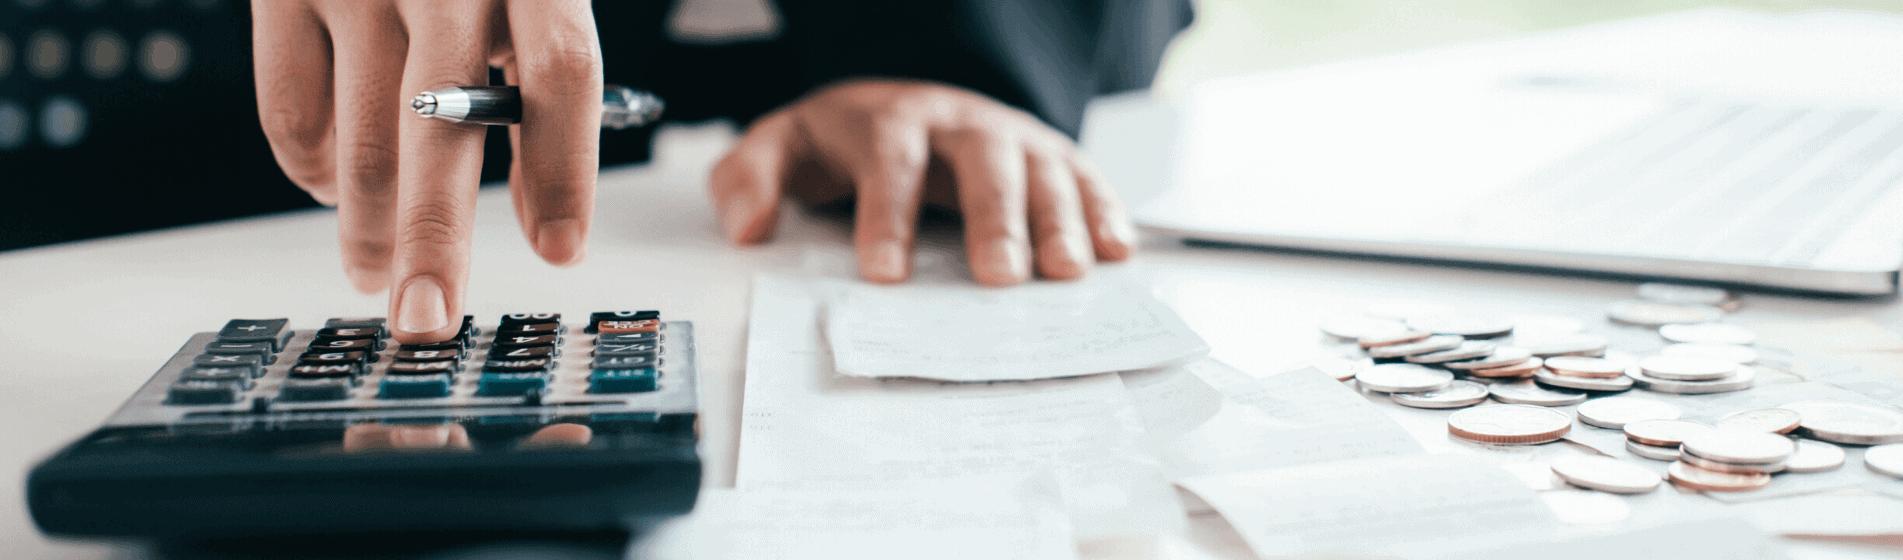 US FEIE: How the Bona Fide Residence Test Works